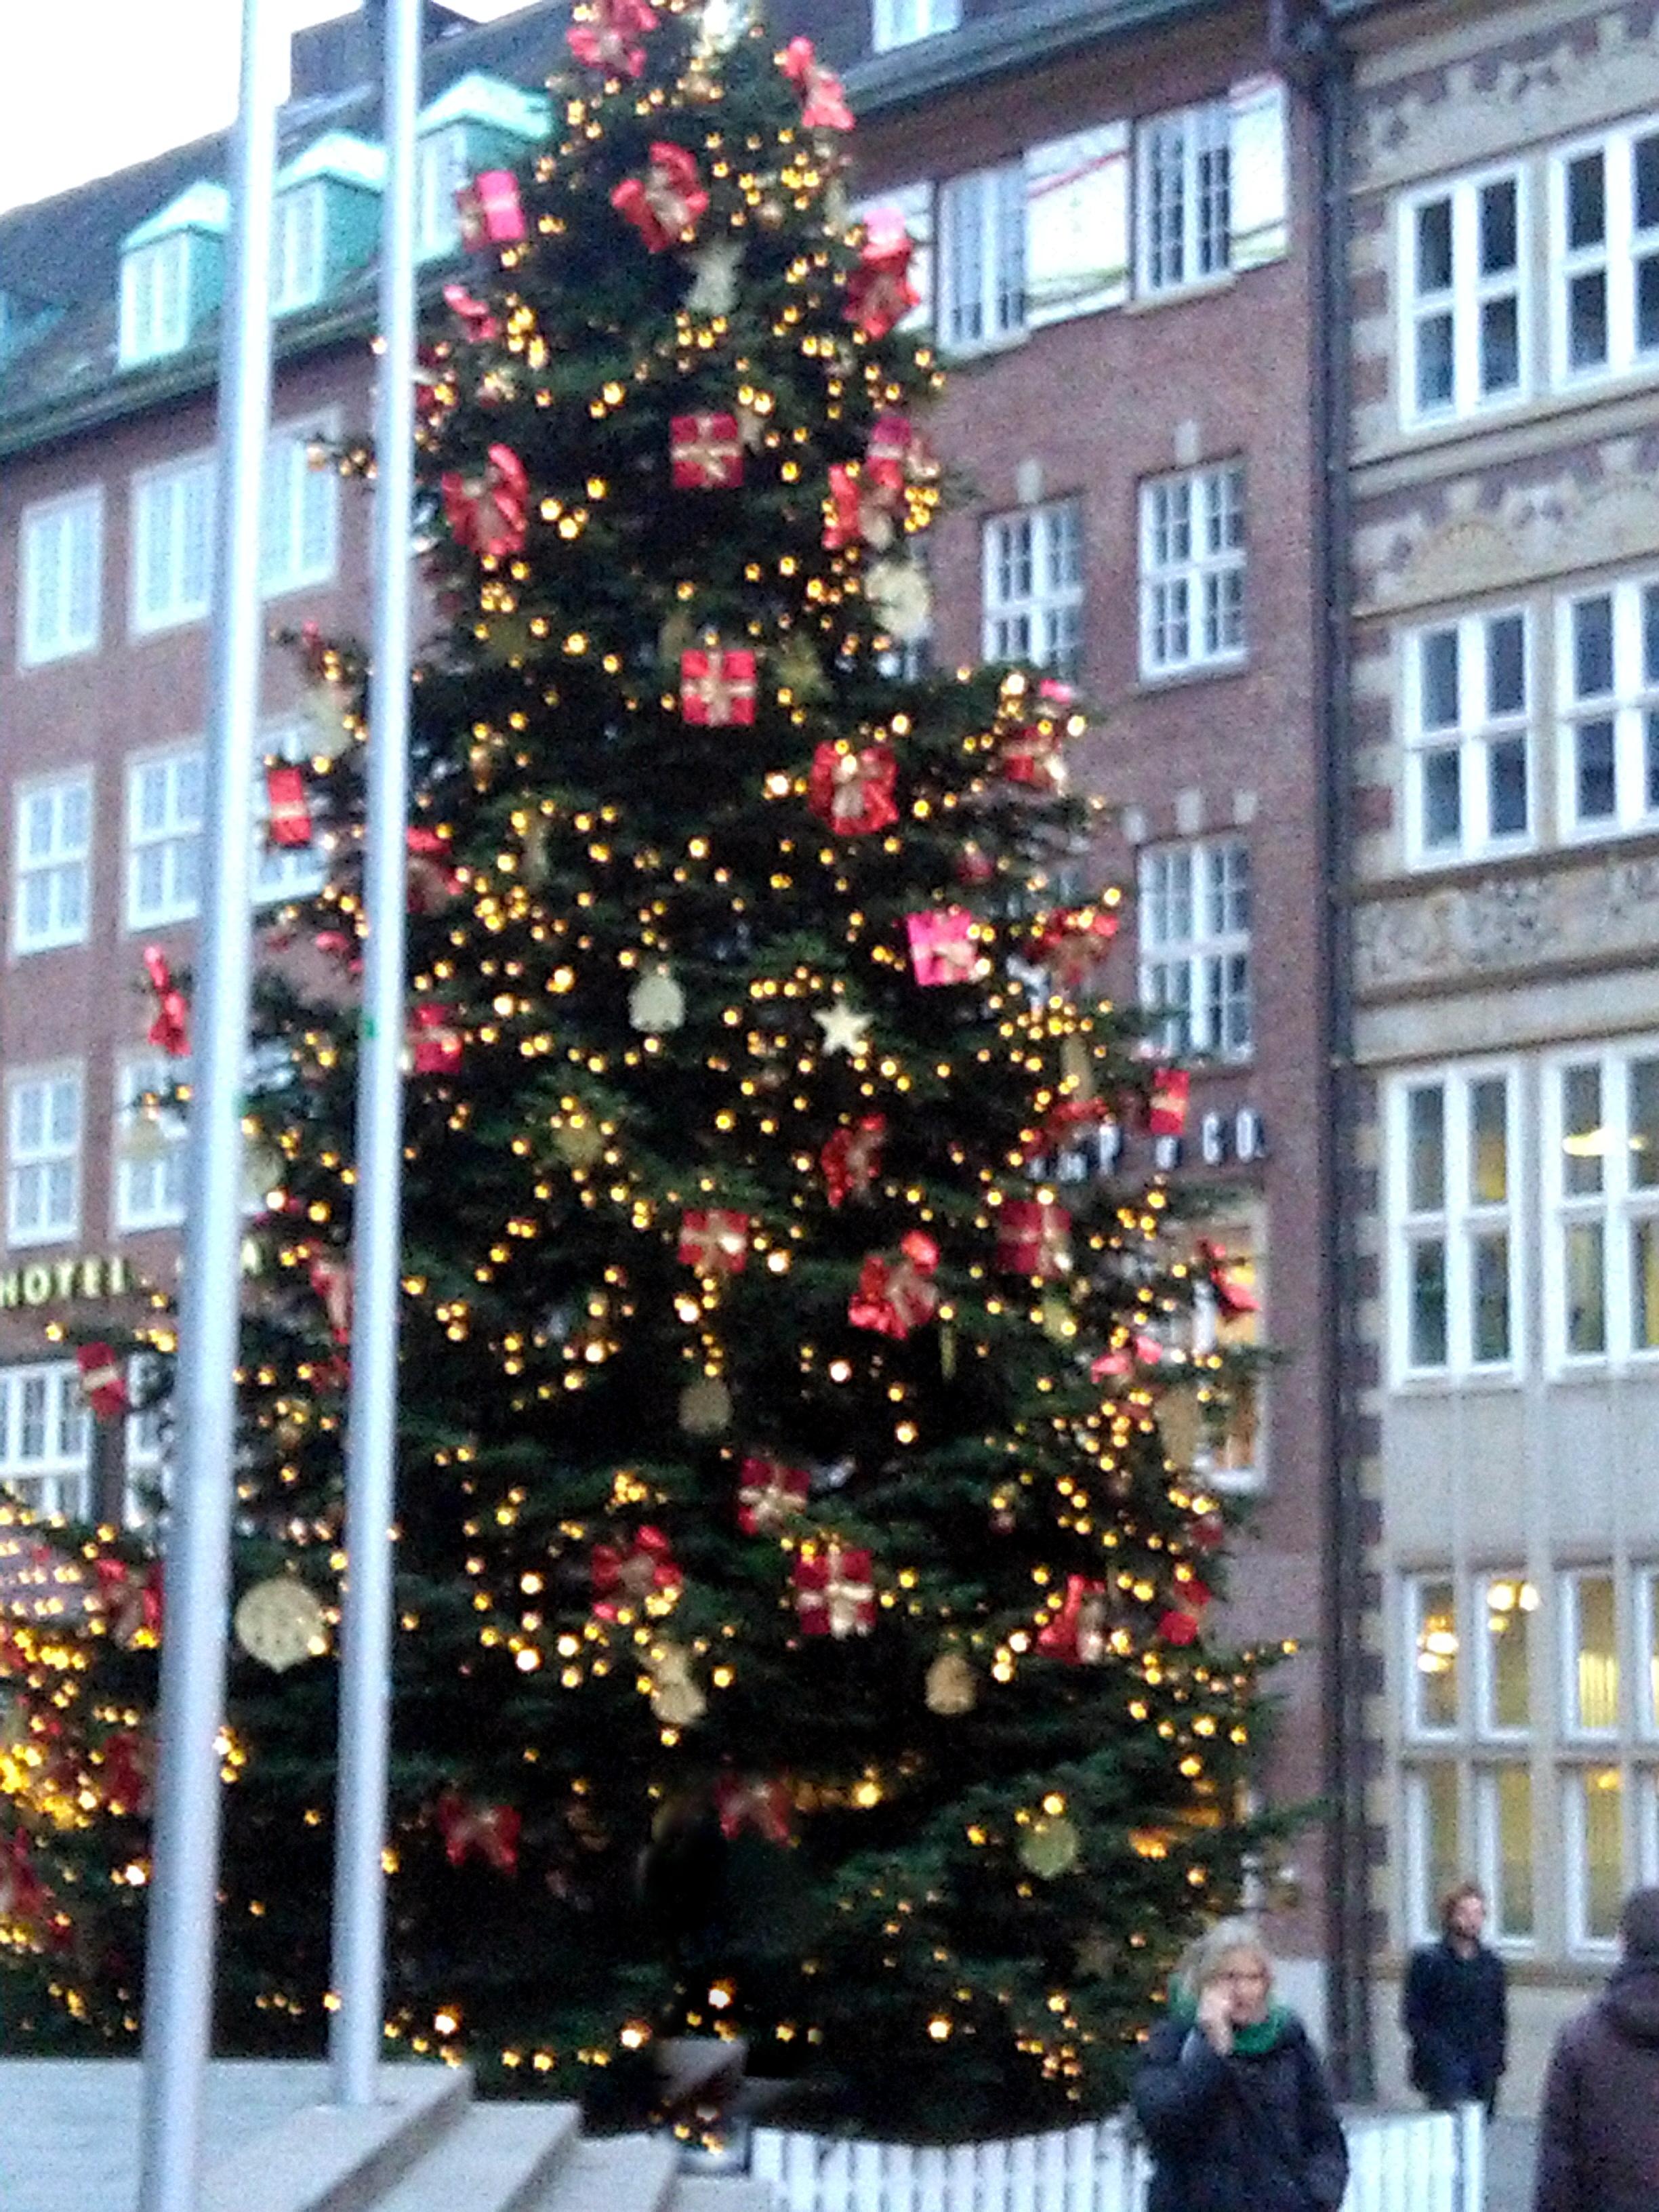 152937-weihnachtsmarkt-tannenbaum